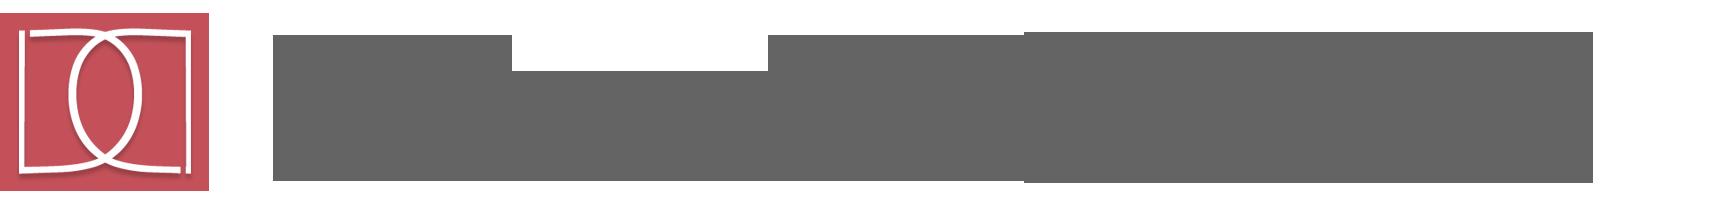 dandellos-logo1